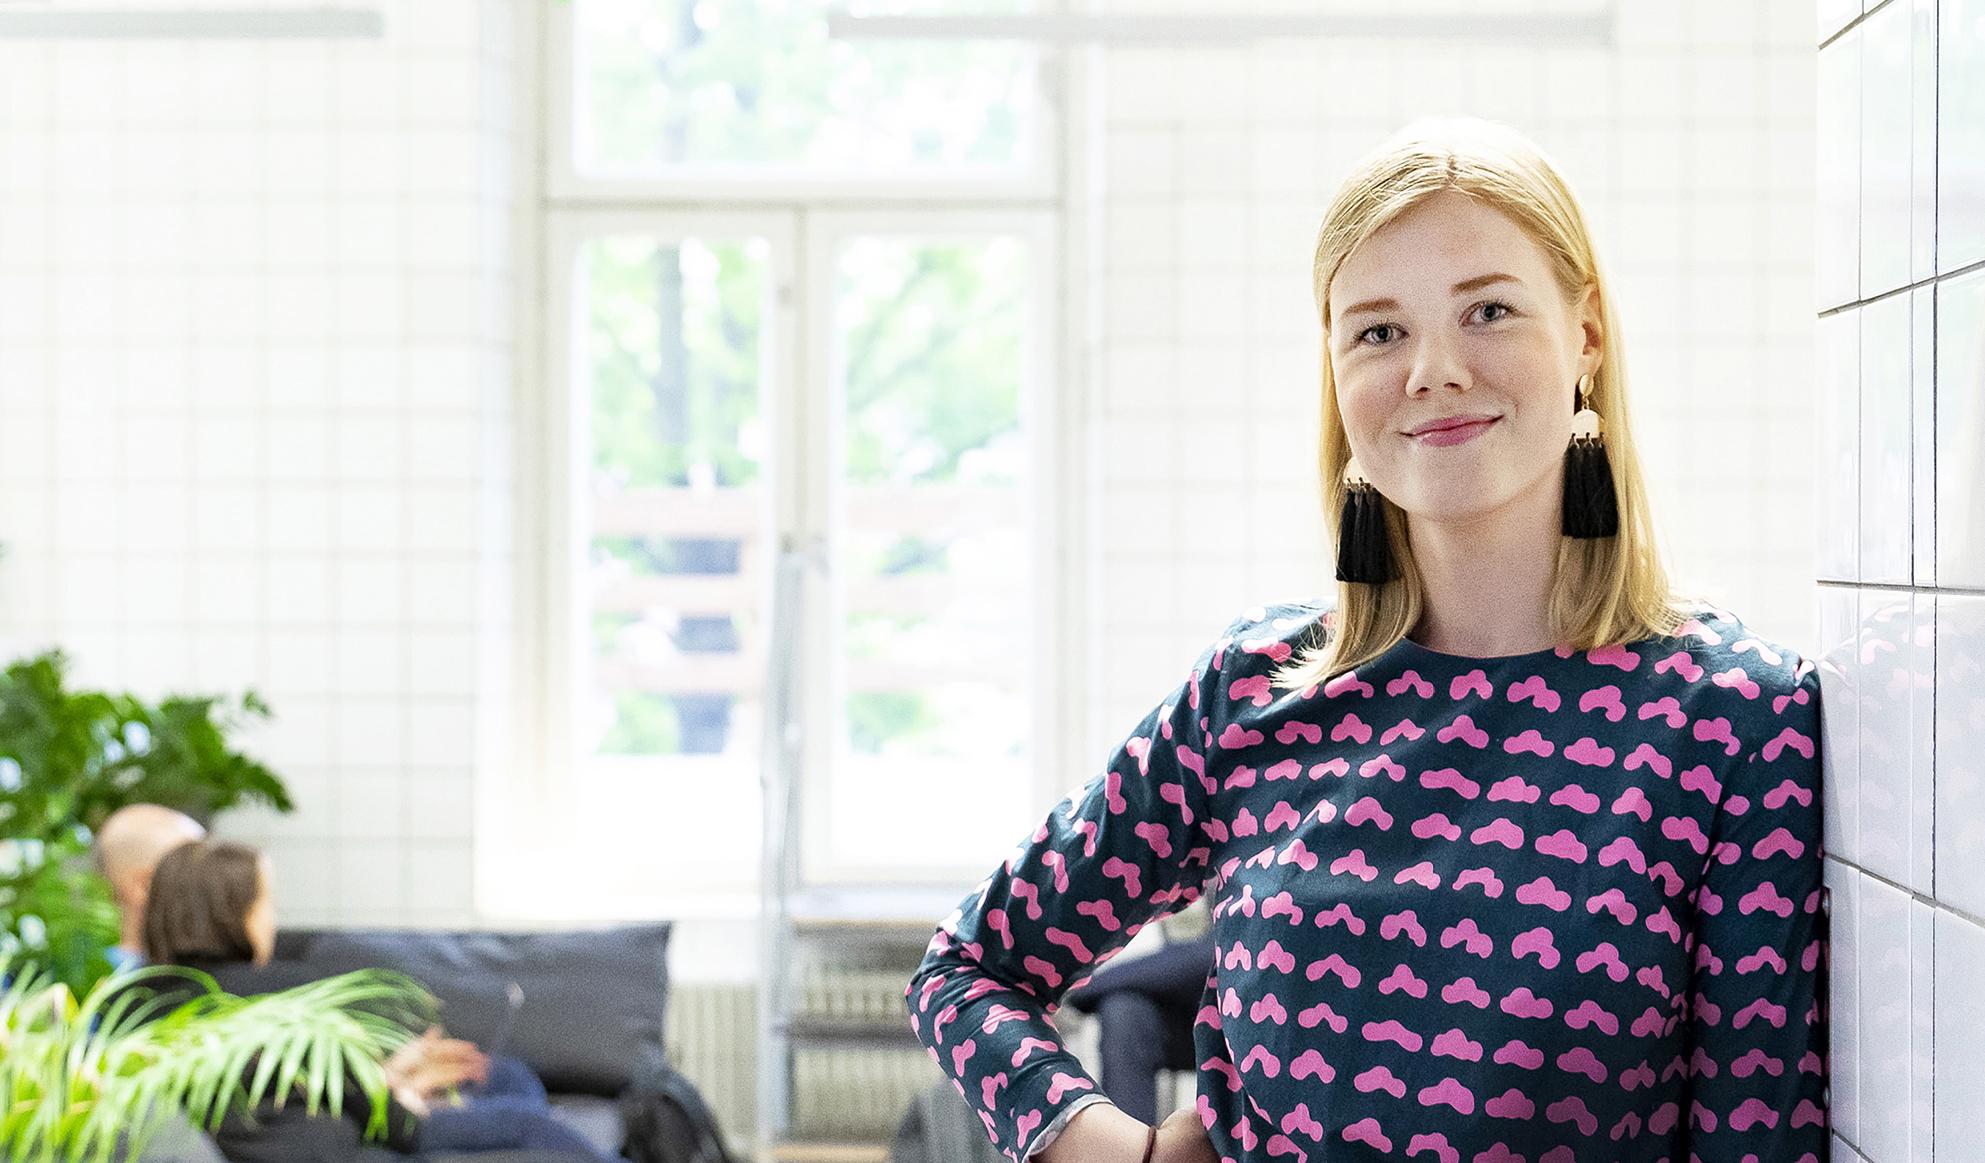 Katja Toropainen on saanut Inklusiiv-kampanjalleen puolestapuhujia Jorma Elorannasta Linda Liukkaaseen. Myös TEK on Inklusiivin kannattaja.